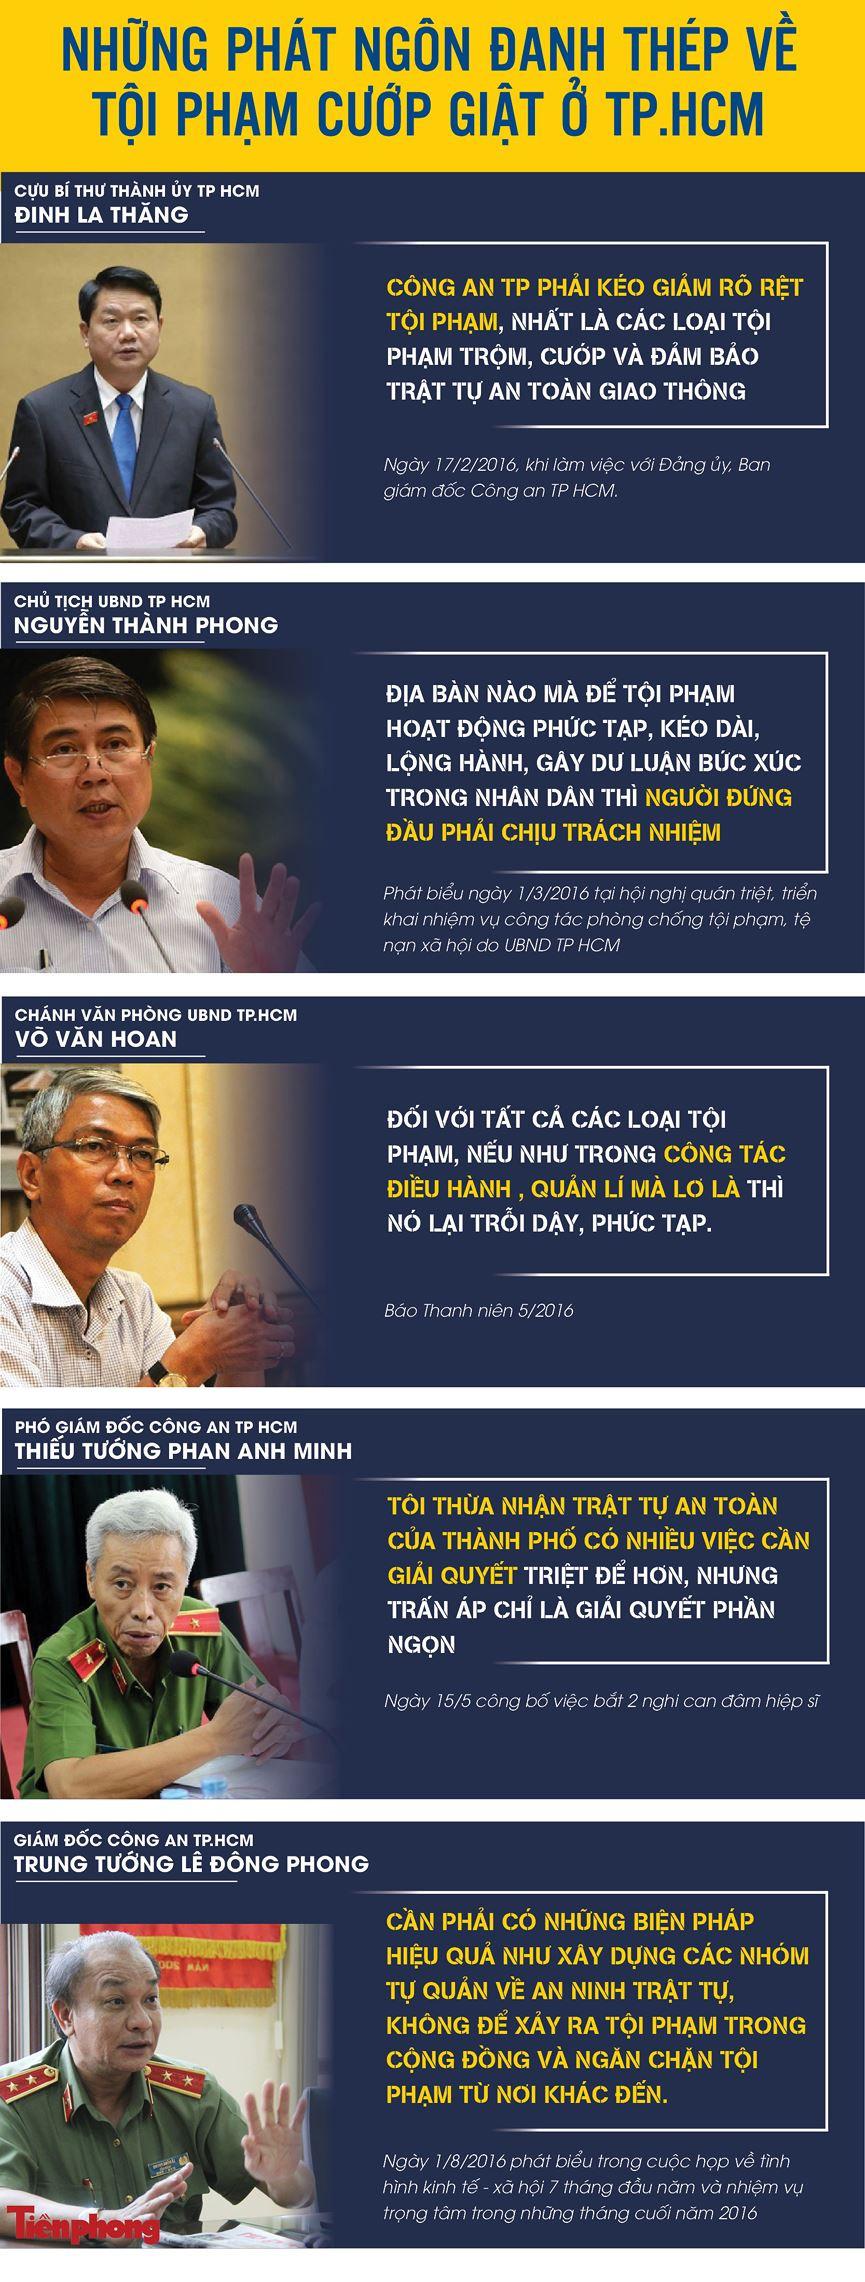 Infographics: Những phát ngôn đanh thép về tội phạm cướp giật ở TP.HCM - 1